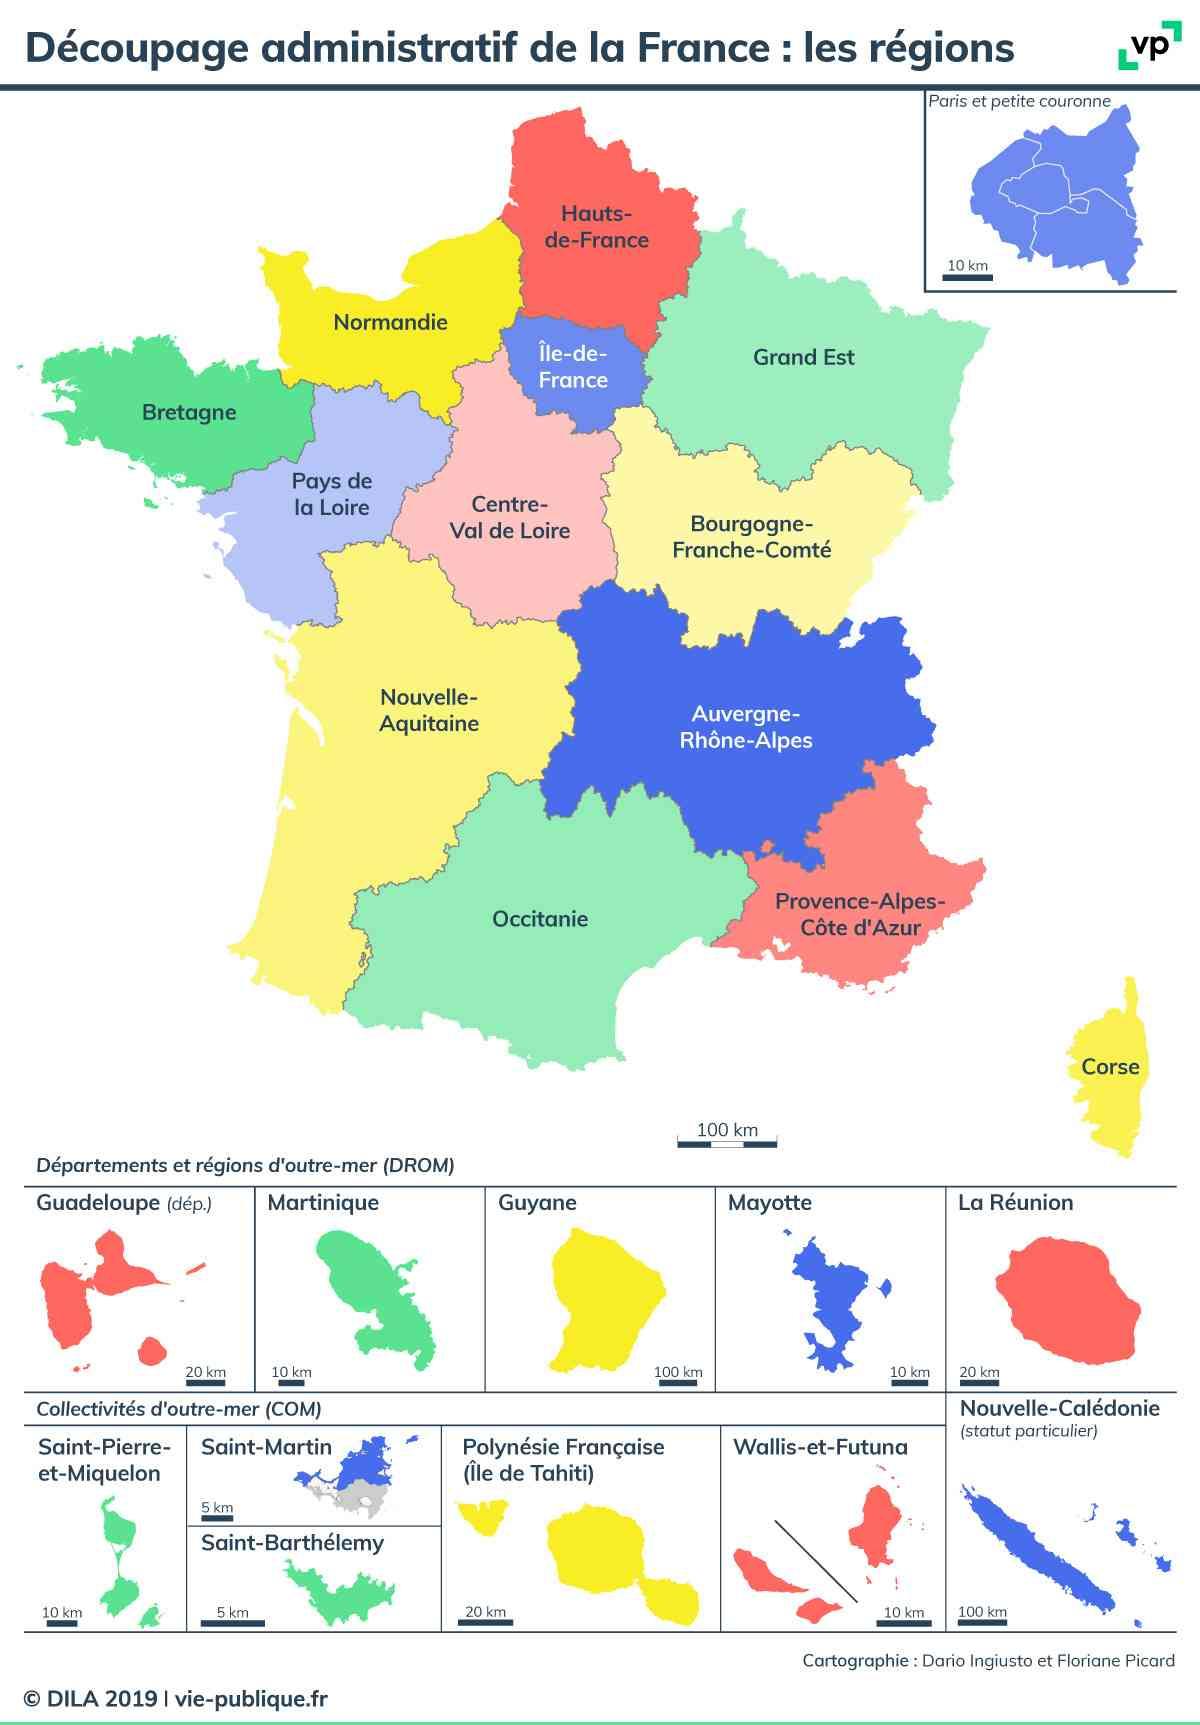 Carte De France Des Régions En 2015 » Vacances - Guide Voyage encequiconcerne Region De France 2018